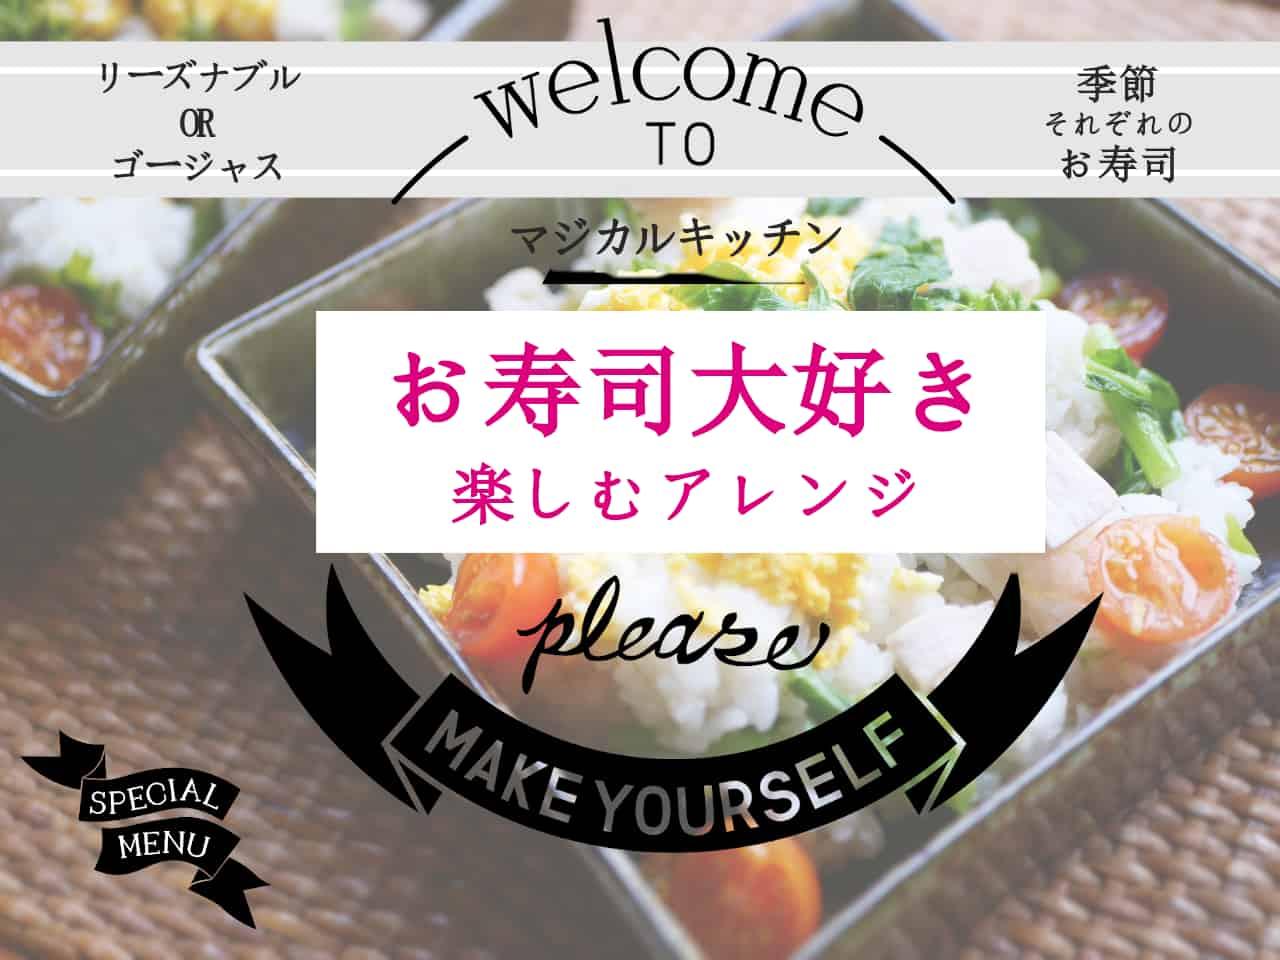 マジカルキッチンお寿司のTips